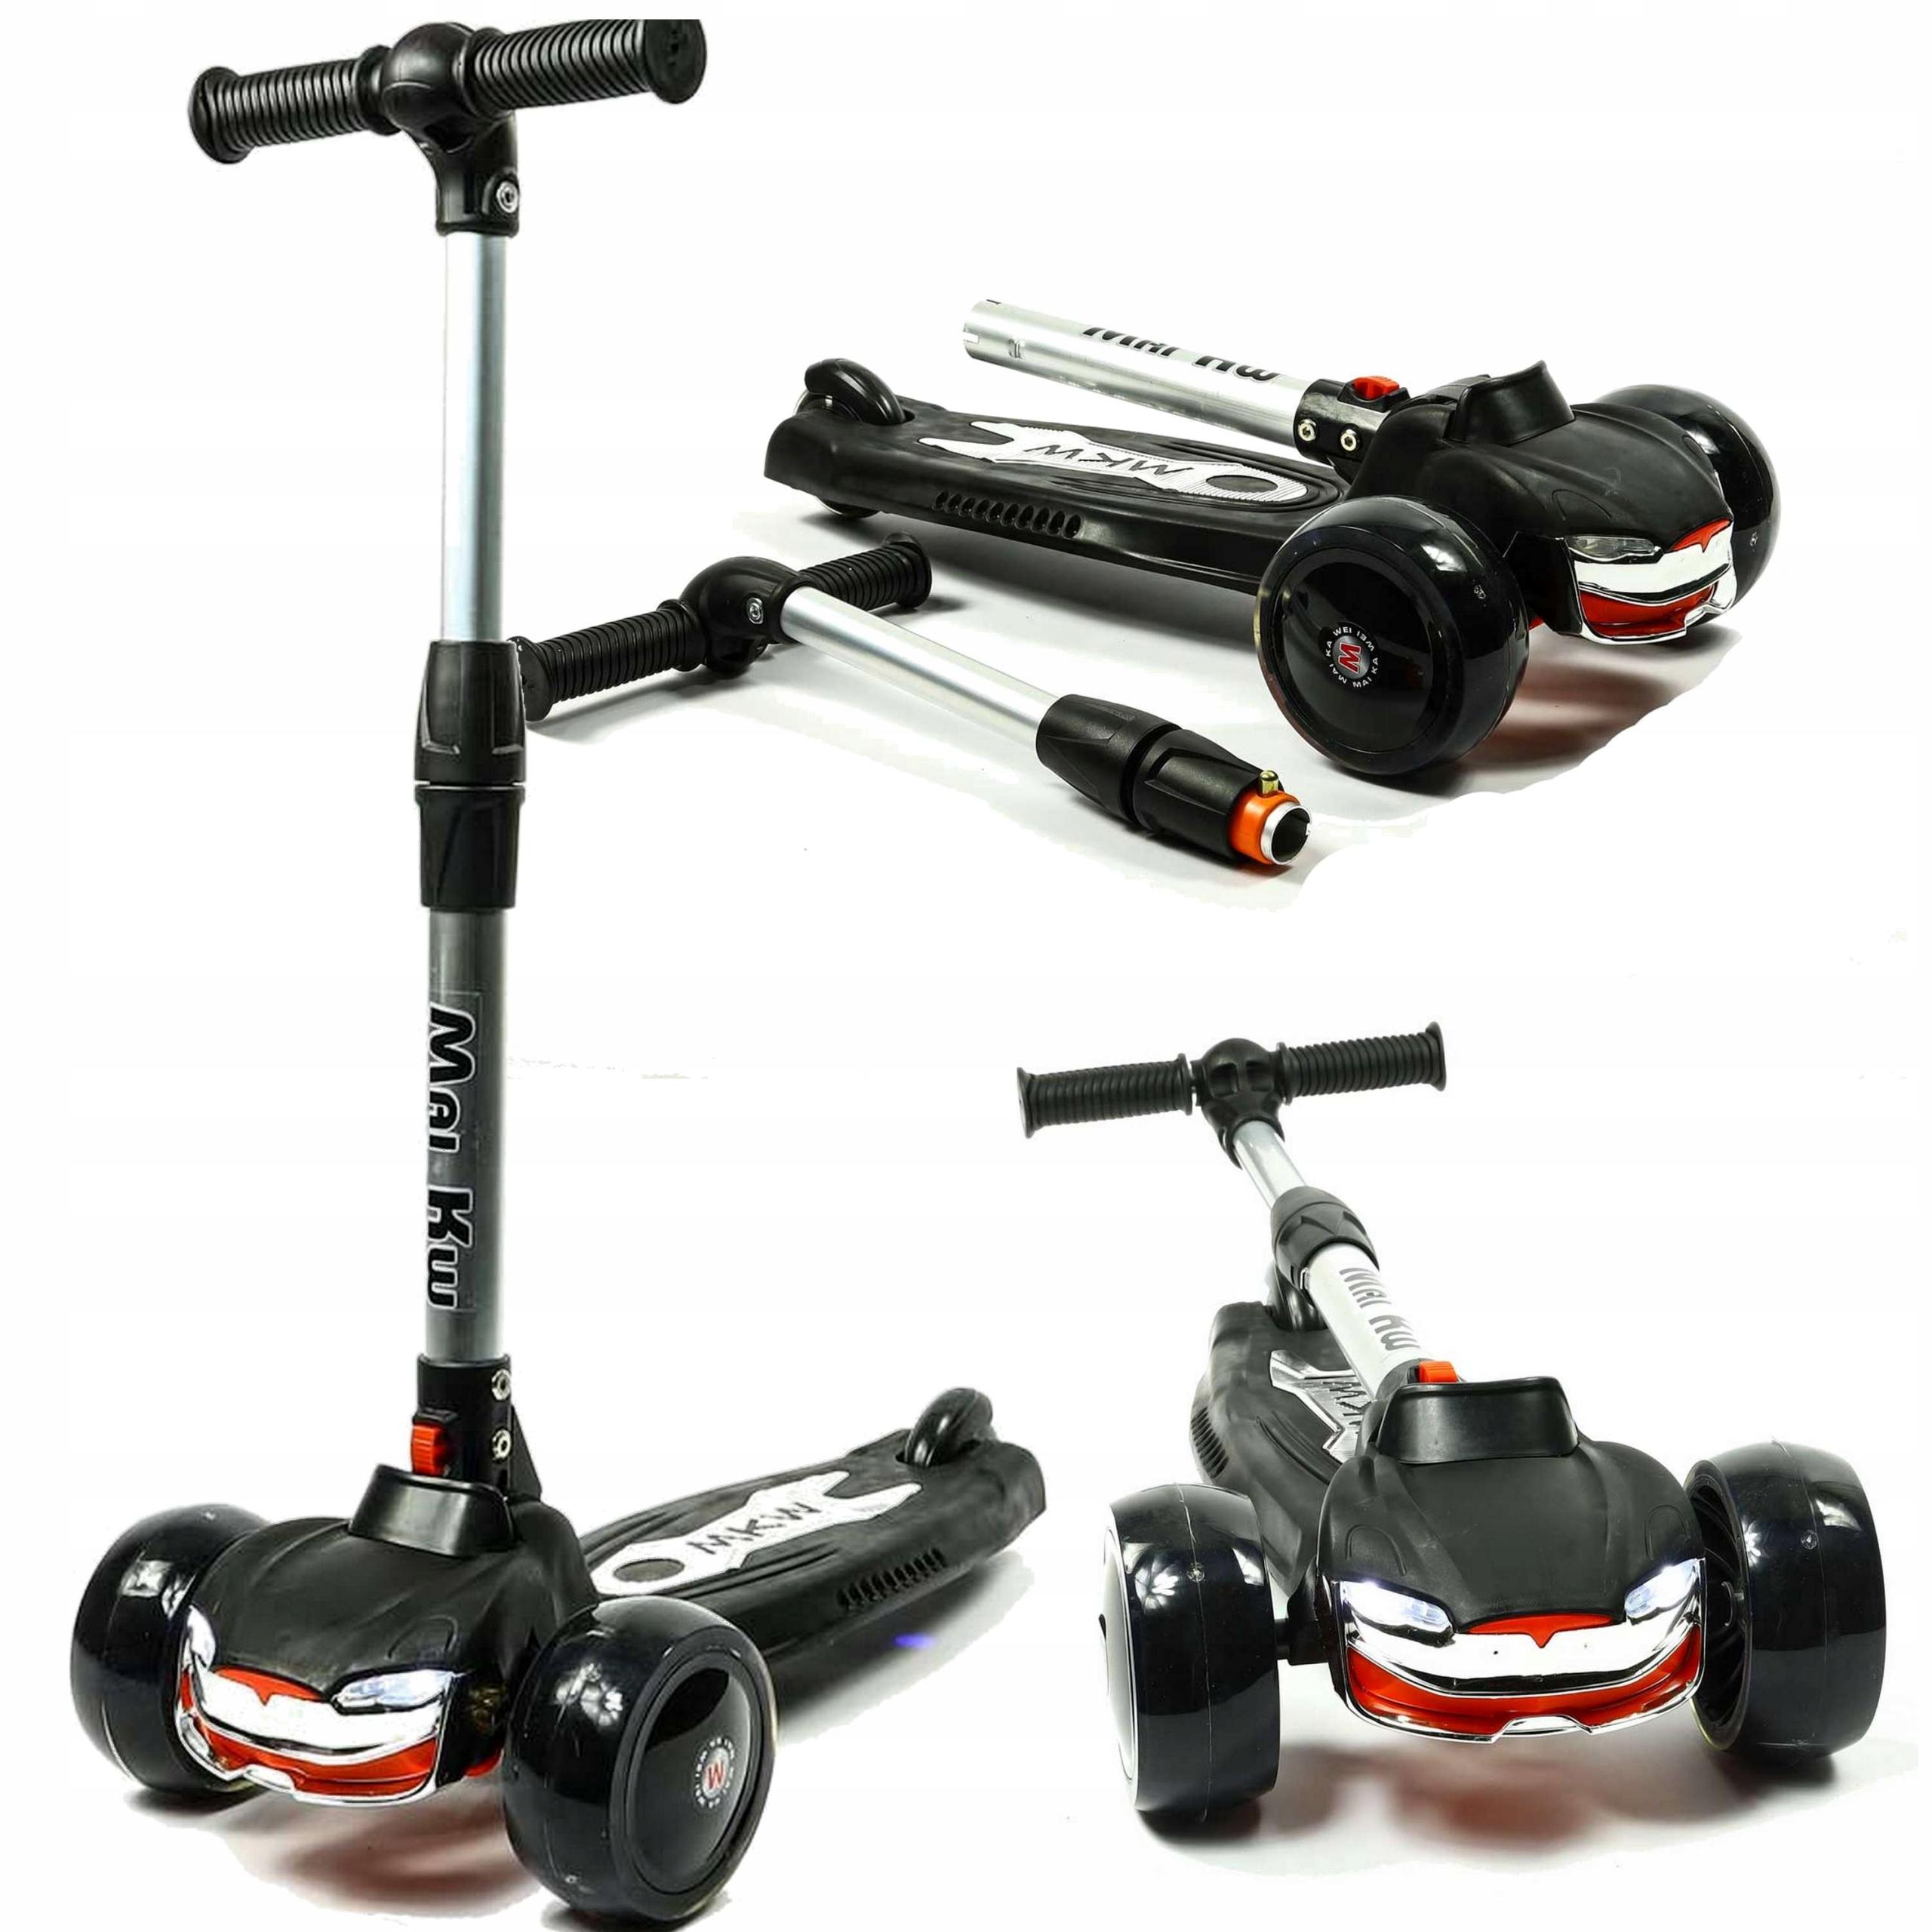 Трехколесный балансный скутер LED колеса 60 кг HAMU